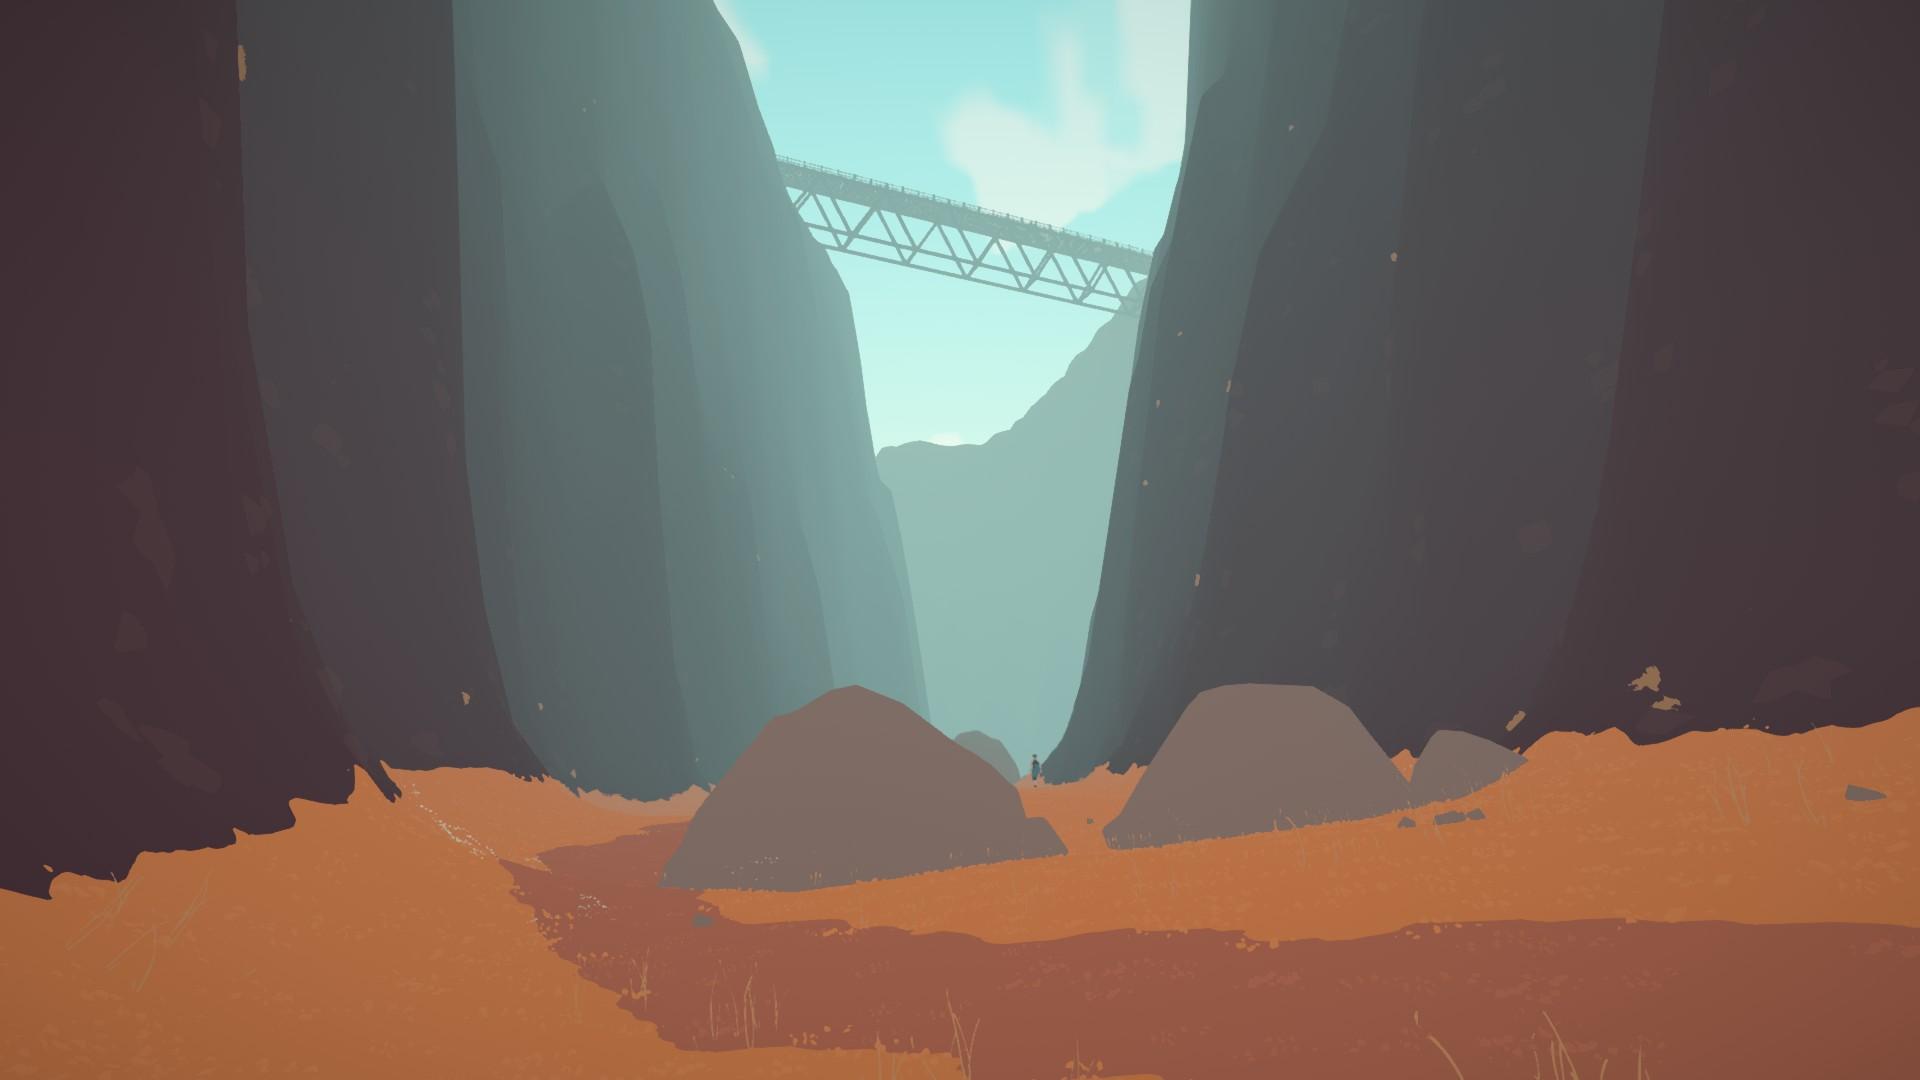 Una vista a nivel del suelo de un cañón muy alto.  Un camino serpentea por el medio y un puente por encima.  Dos grandes cantos rodados en la distancia media, entre los cuales camina una figura humana desconocida.